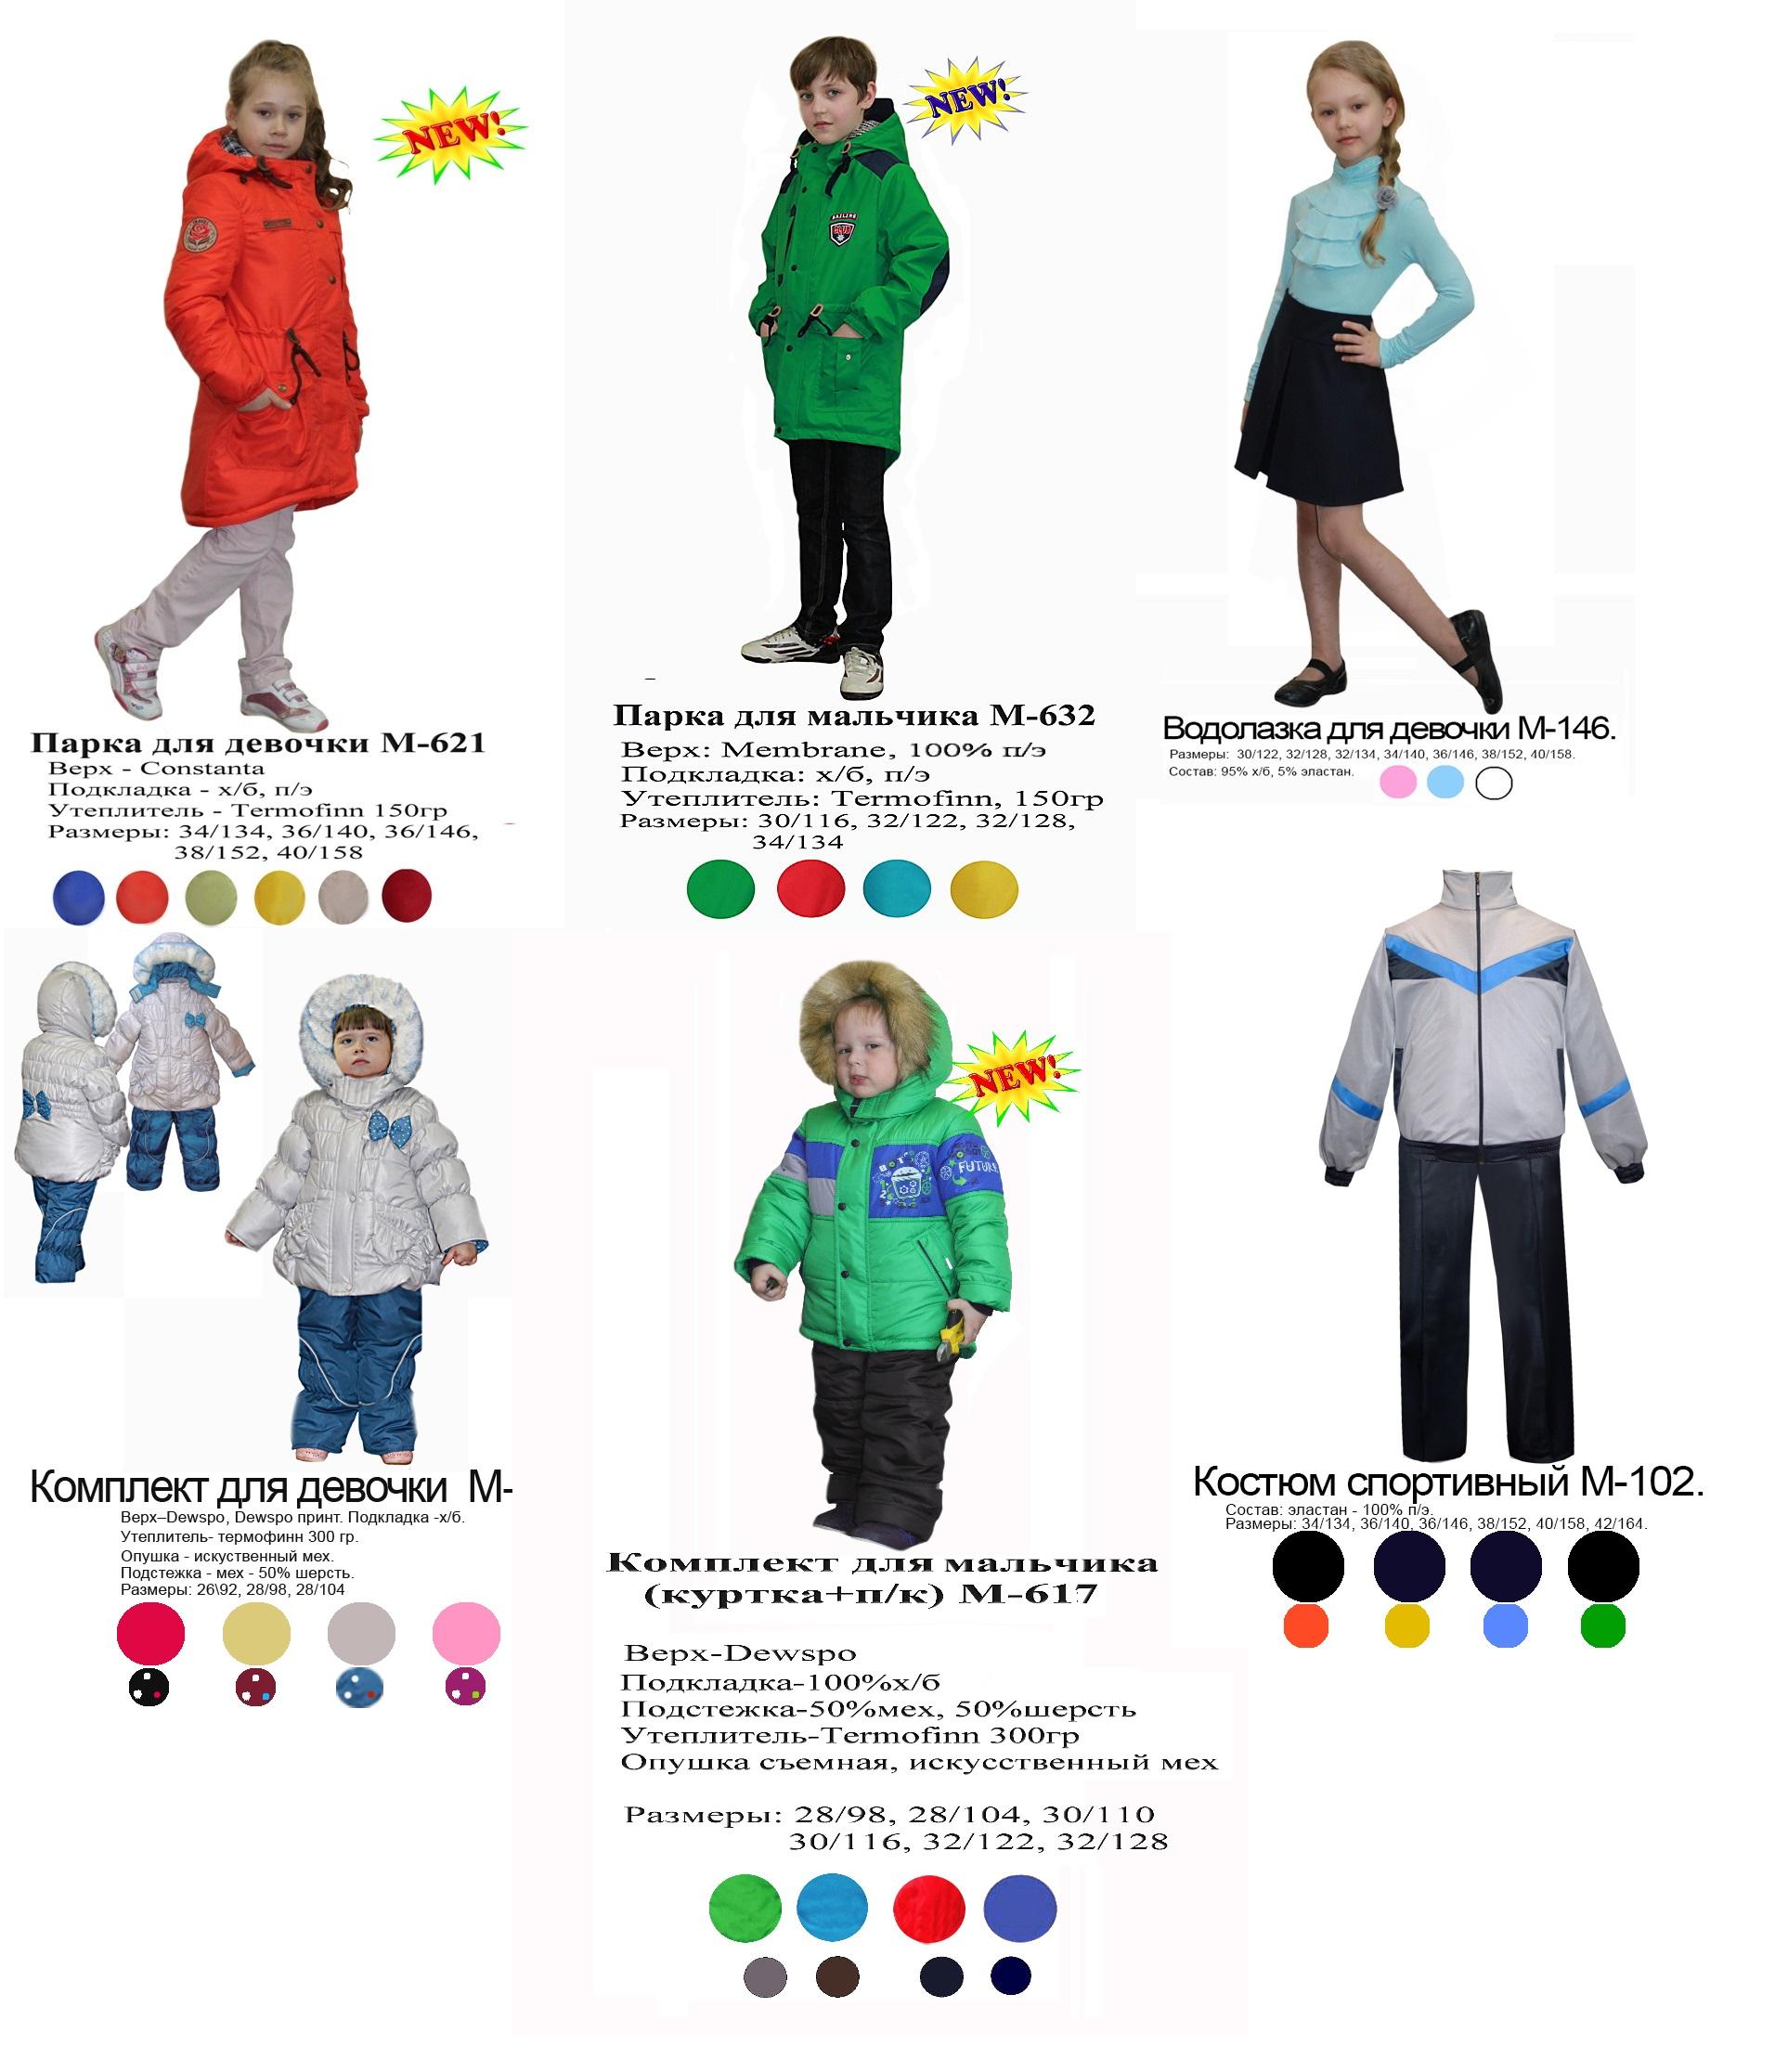 ТМ Эврика верхняя одежда для детей. Осень 2016. Зима 2016-2017. Трикотаж. Без рядов! Цены радуют! Выкуп 29